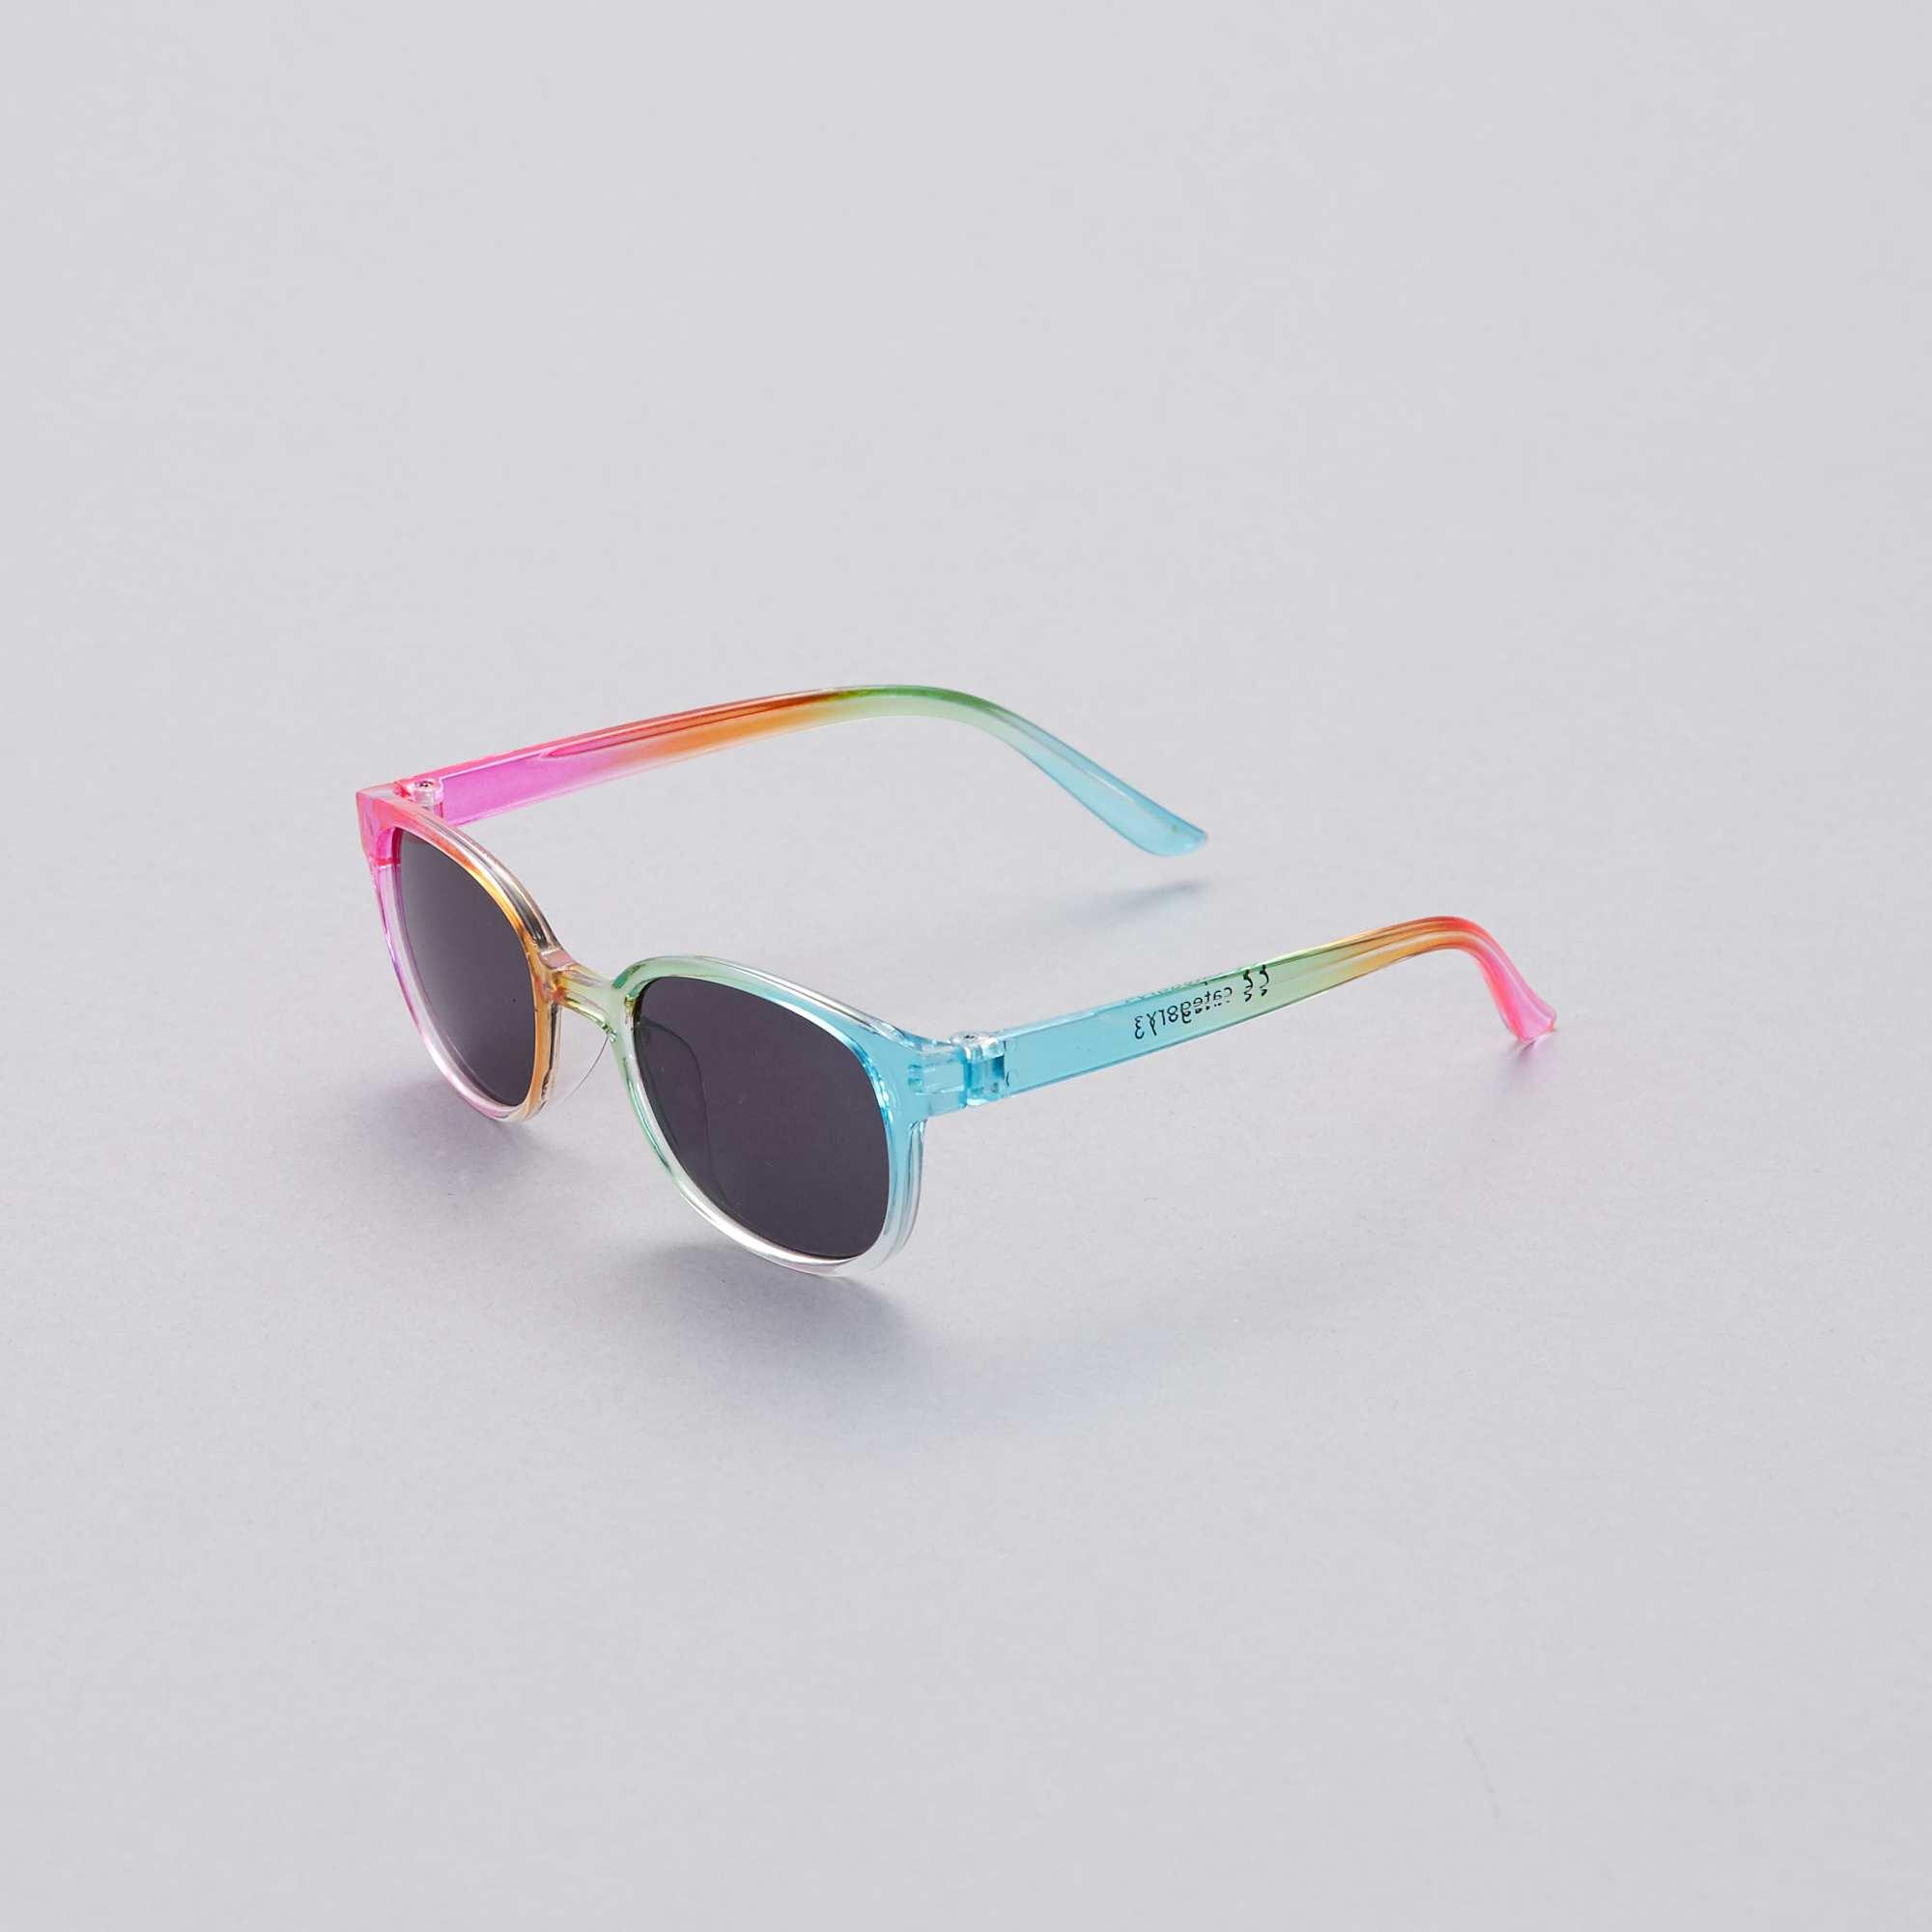 9be4407996 Gafas de sol multicolores Chica - multicolor - Kiabi - 5,00€